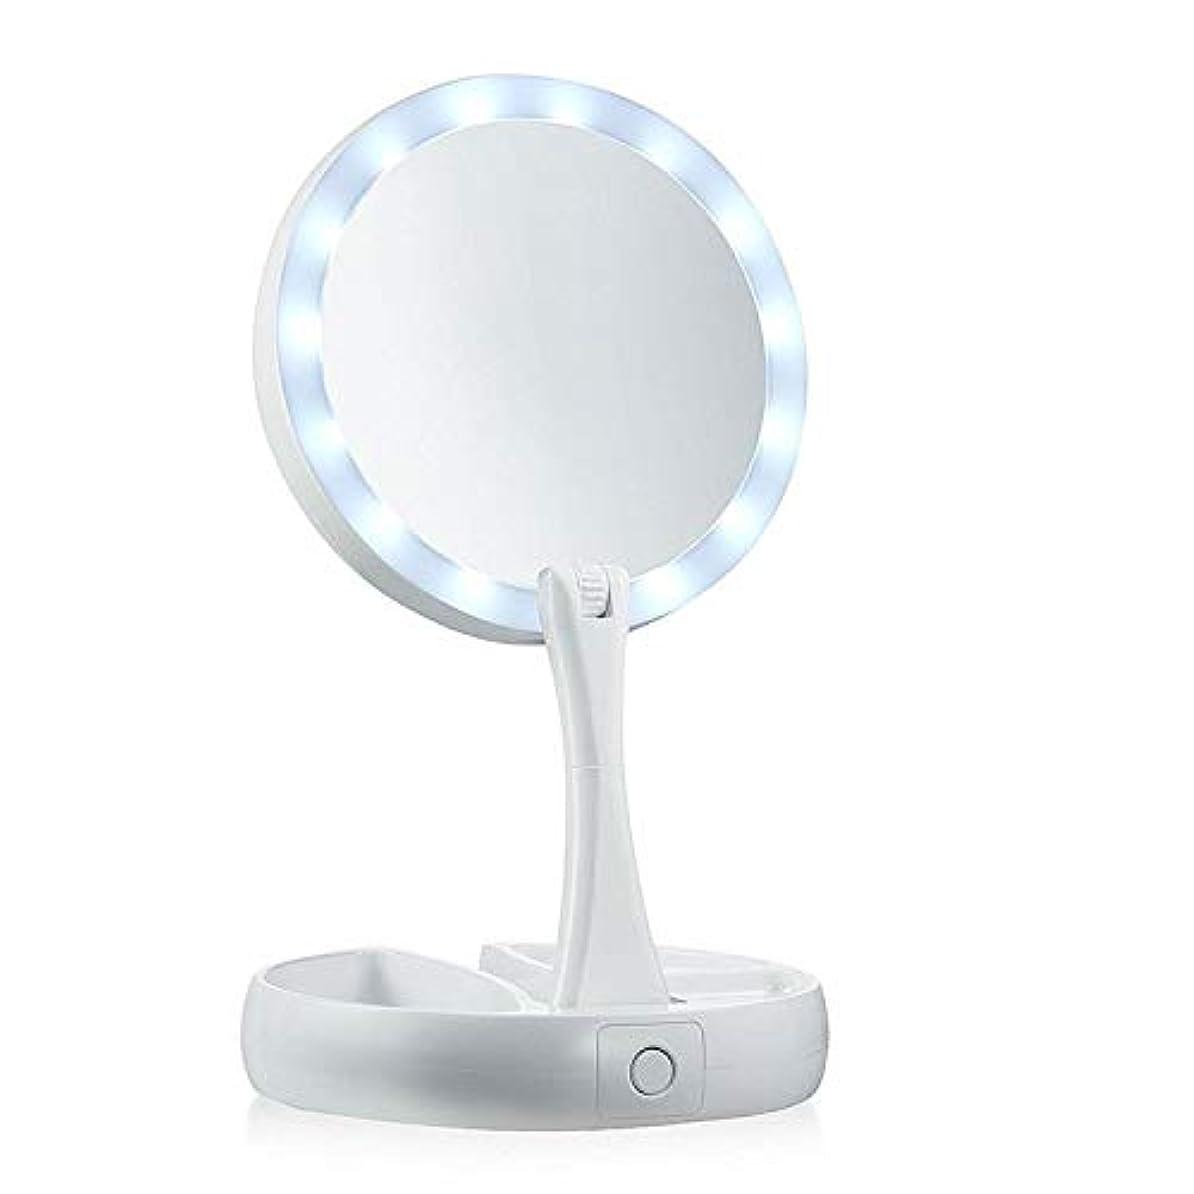 証言するこんにちは誘惑するLED MAKEUP MIRROR PINGFUFF ライト付きLED化粧鏡、照明付き化粧化粧台ミラー1倍/ 7倍倍率360度フリー回転、タッチスクリーン調光付き、ポータブルUSB充電式トラベル拡大鏡